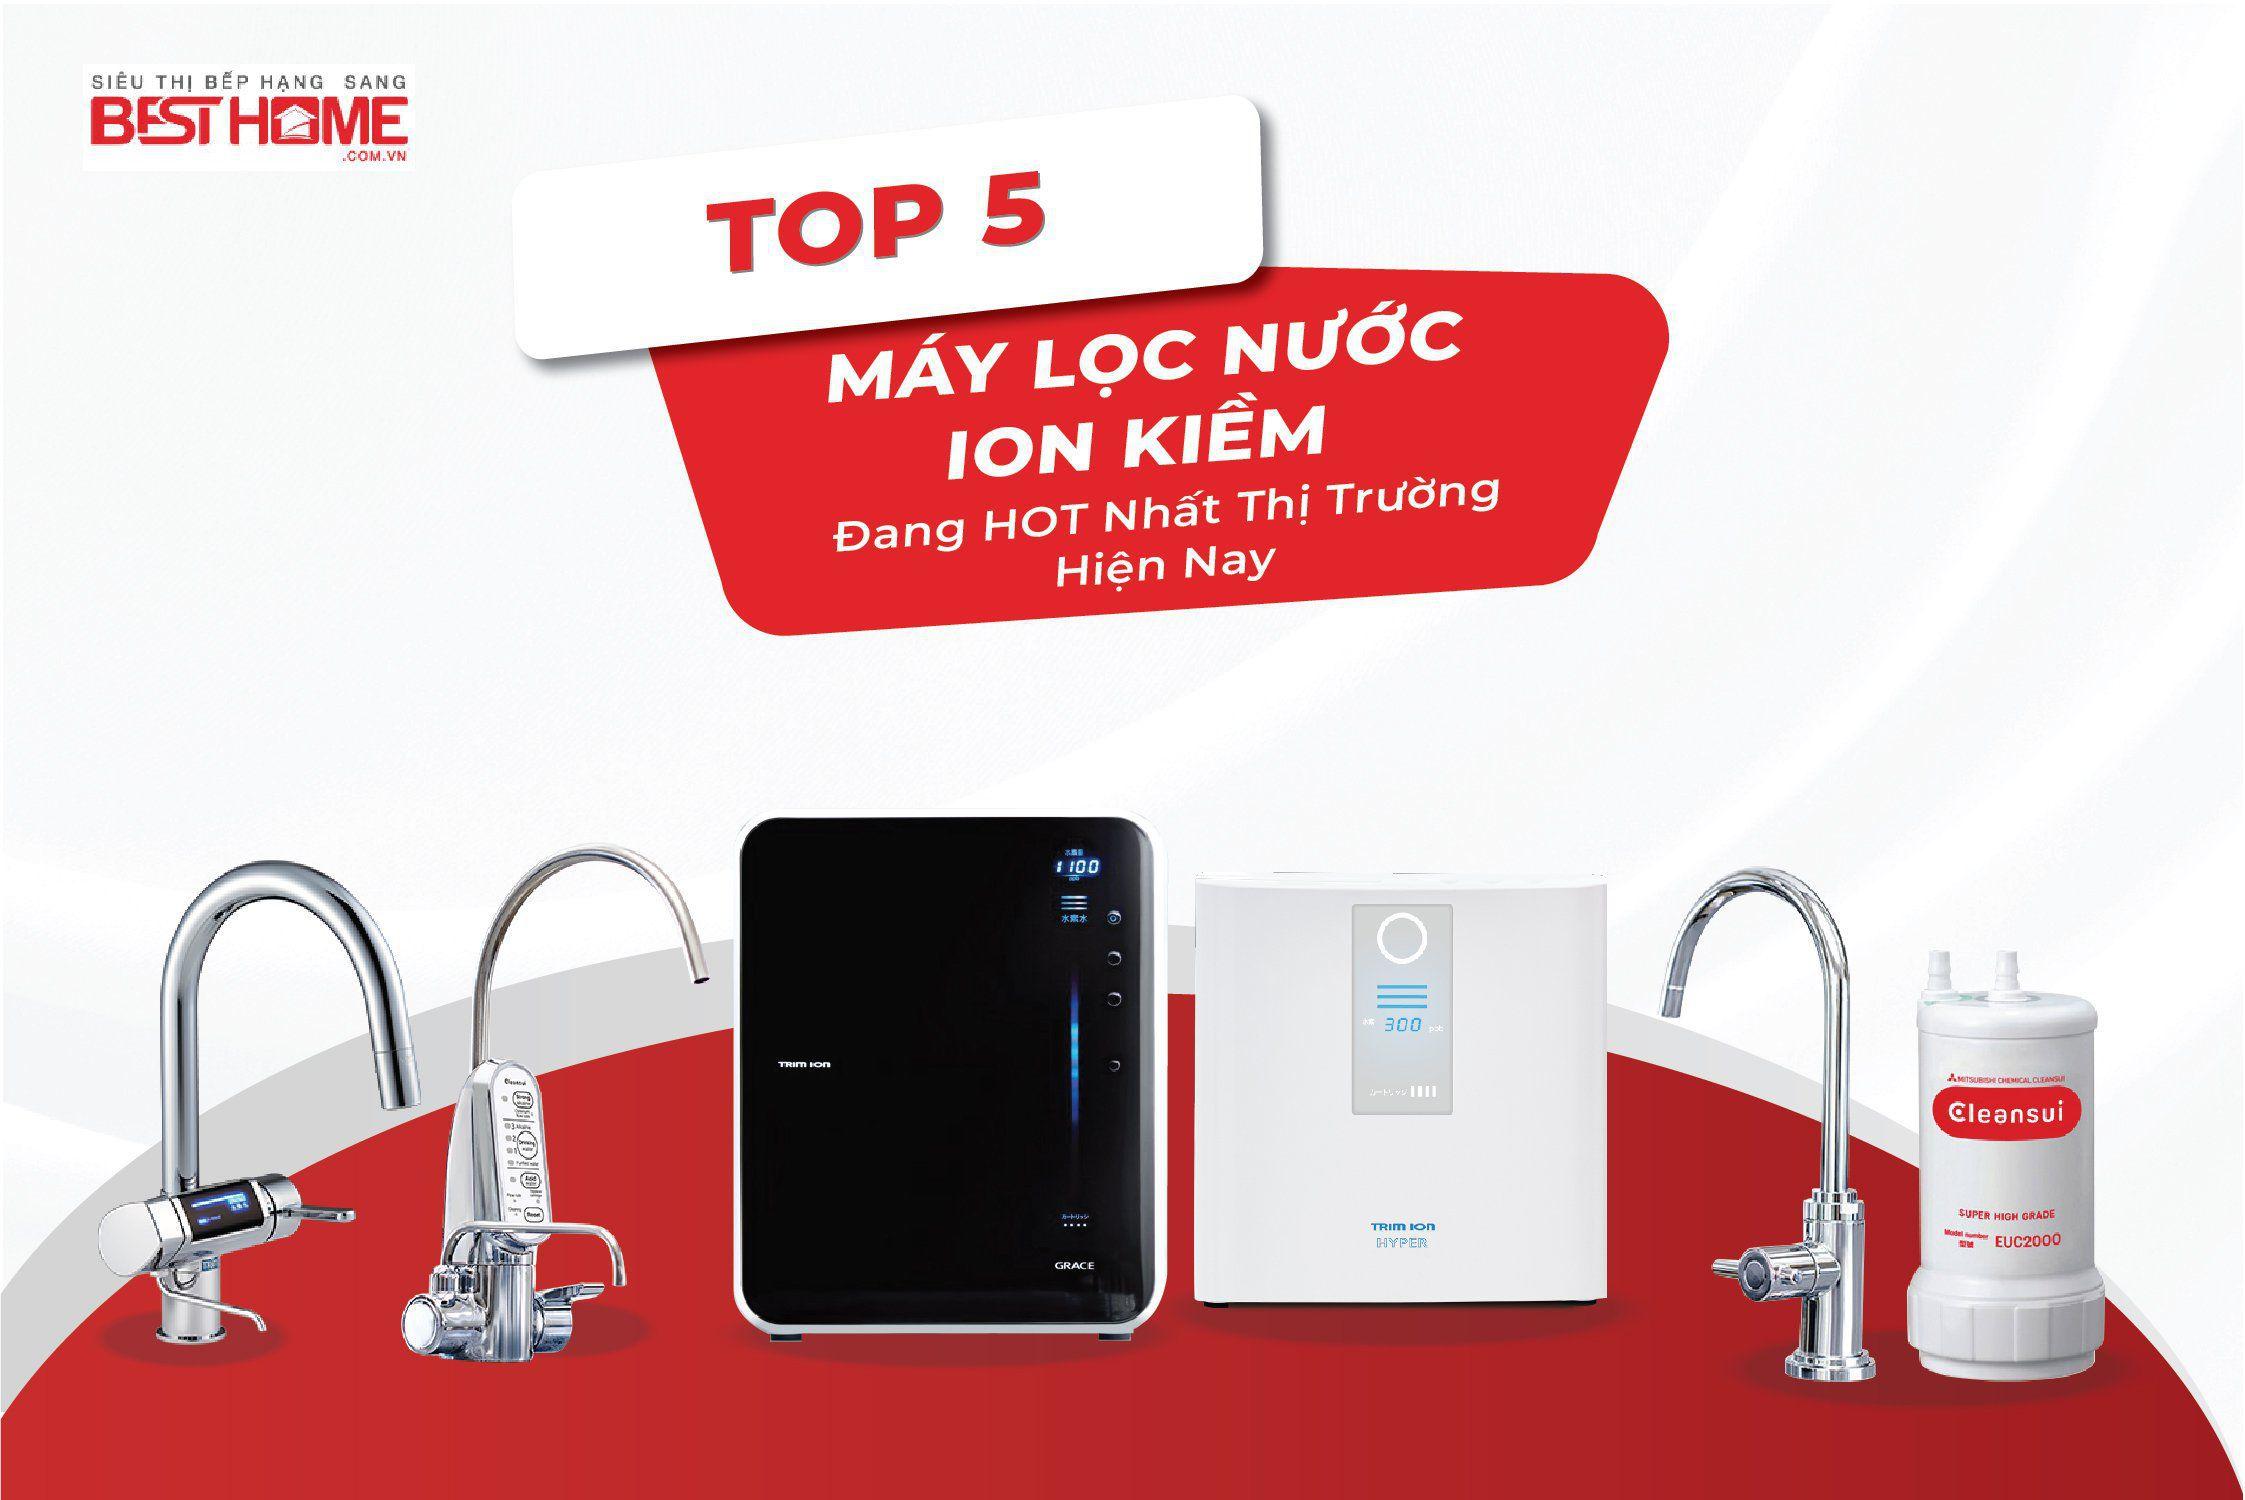 Top 5 máy lọc nước ion kiềm đang hot nhất thị trường hiện nay